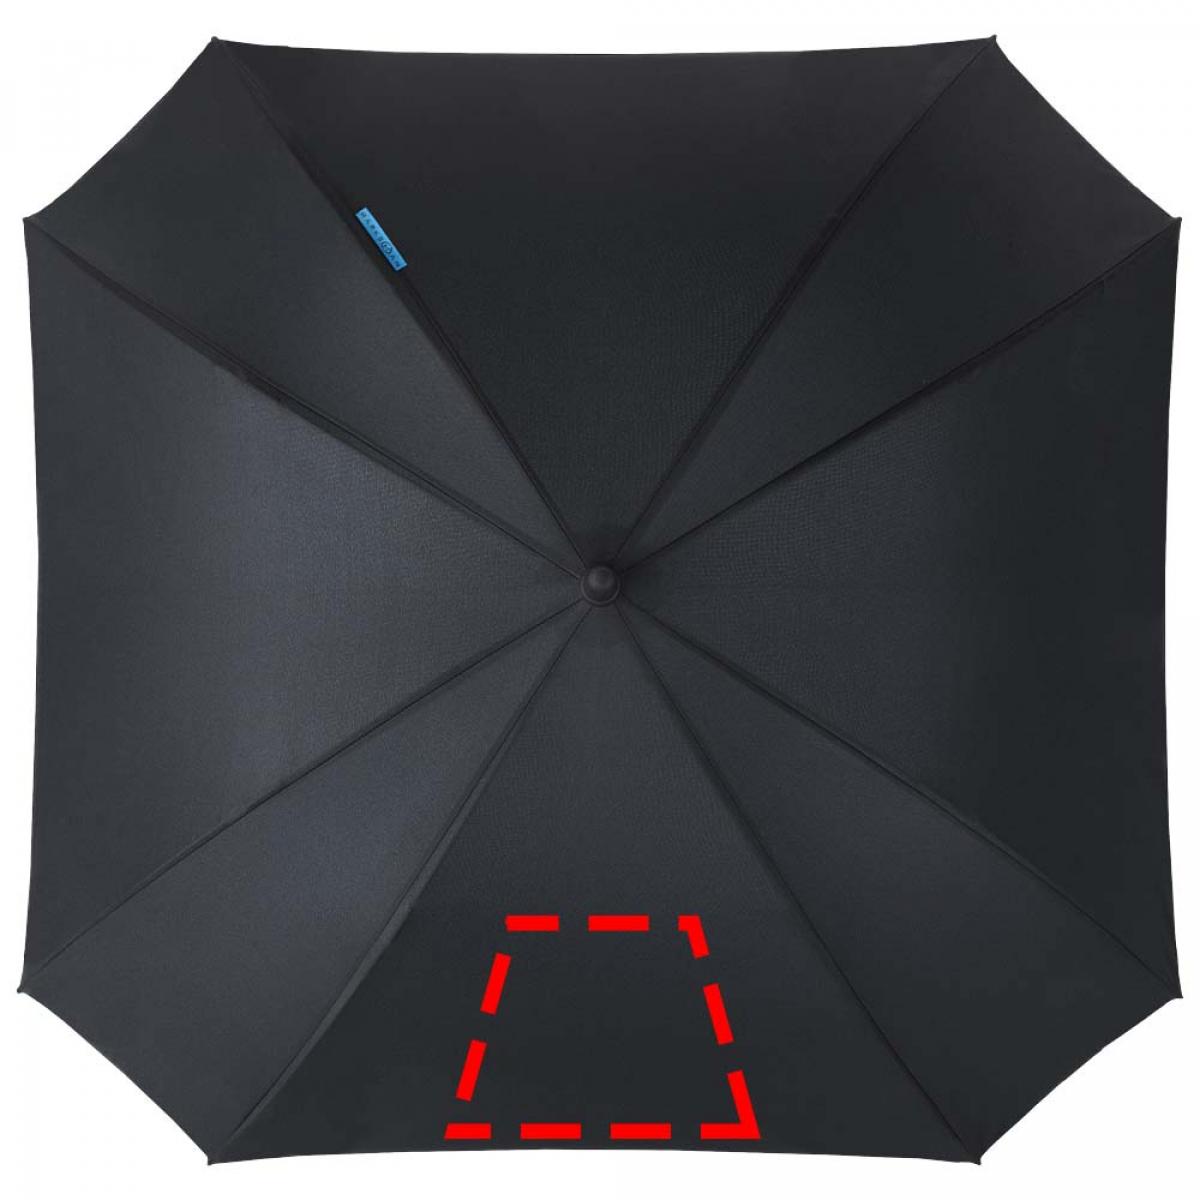 Vierkante paraplu dubbellaags - 2de grote paneel